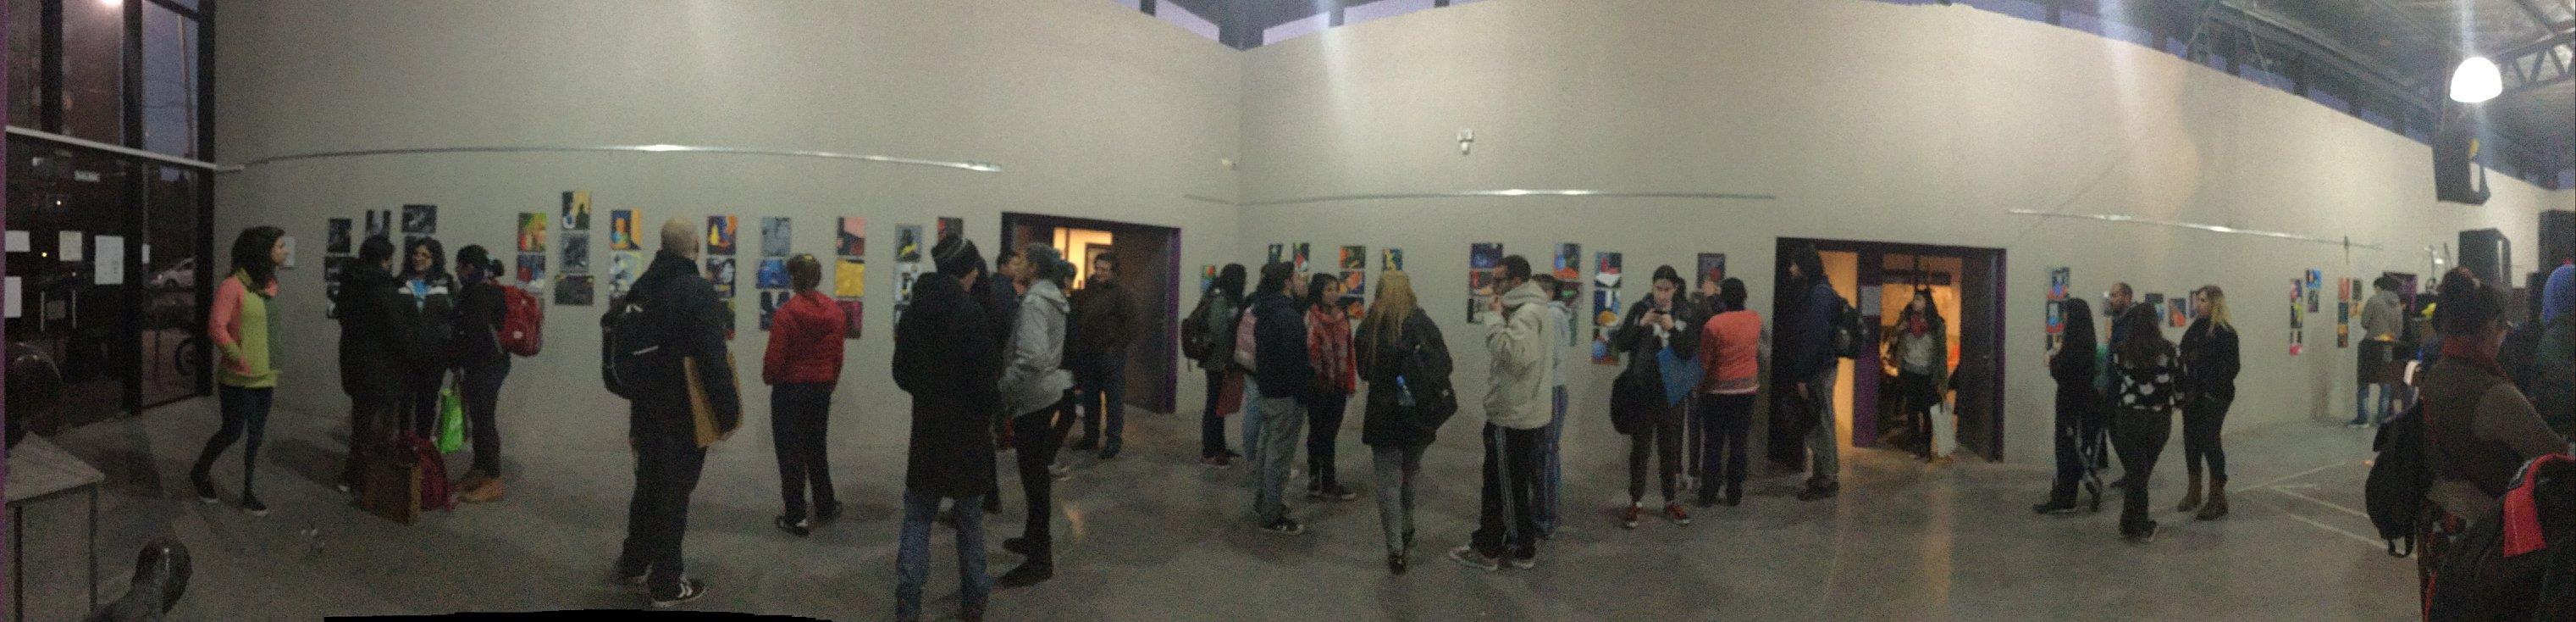 registro inauguración expo de estudiantes. foto 2 - Instituto Municipal Superior de Artes Plásticas